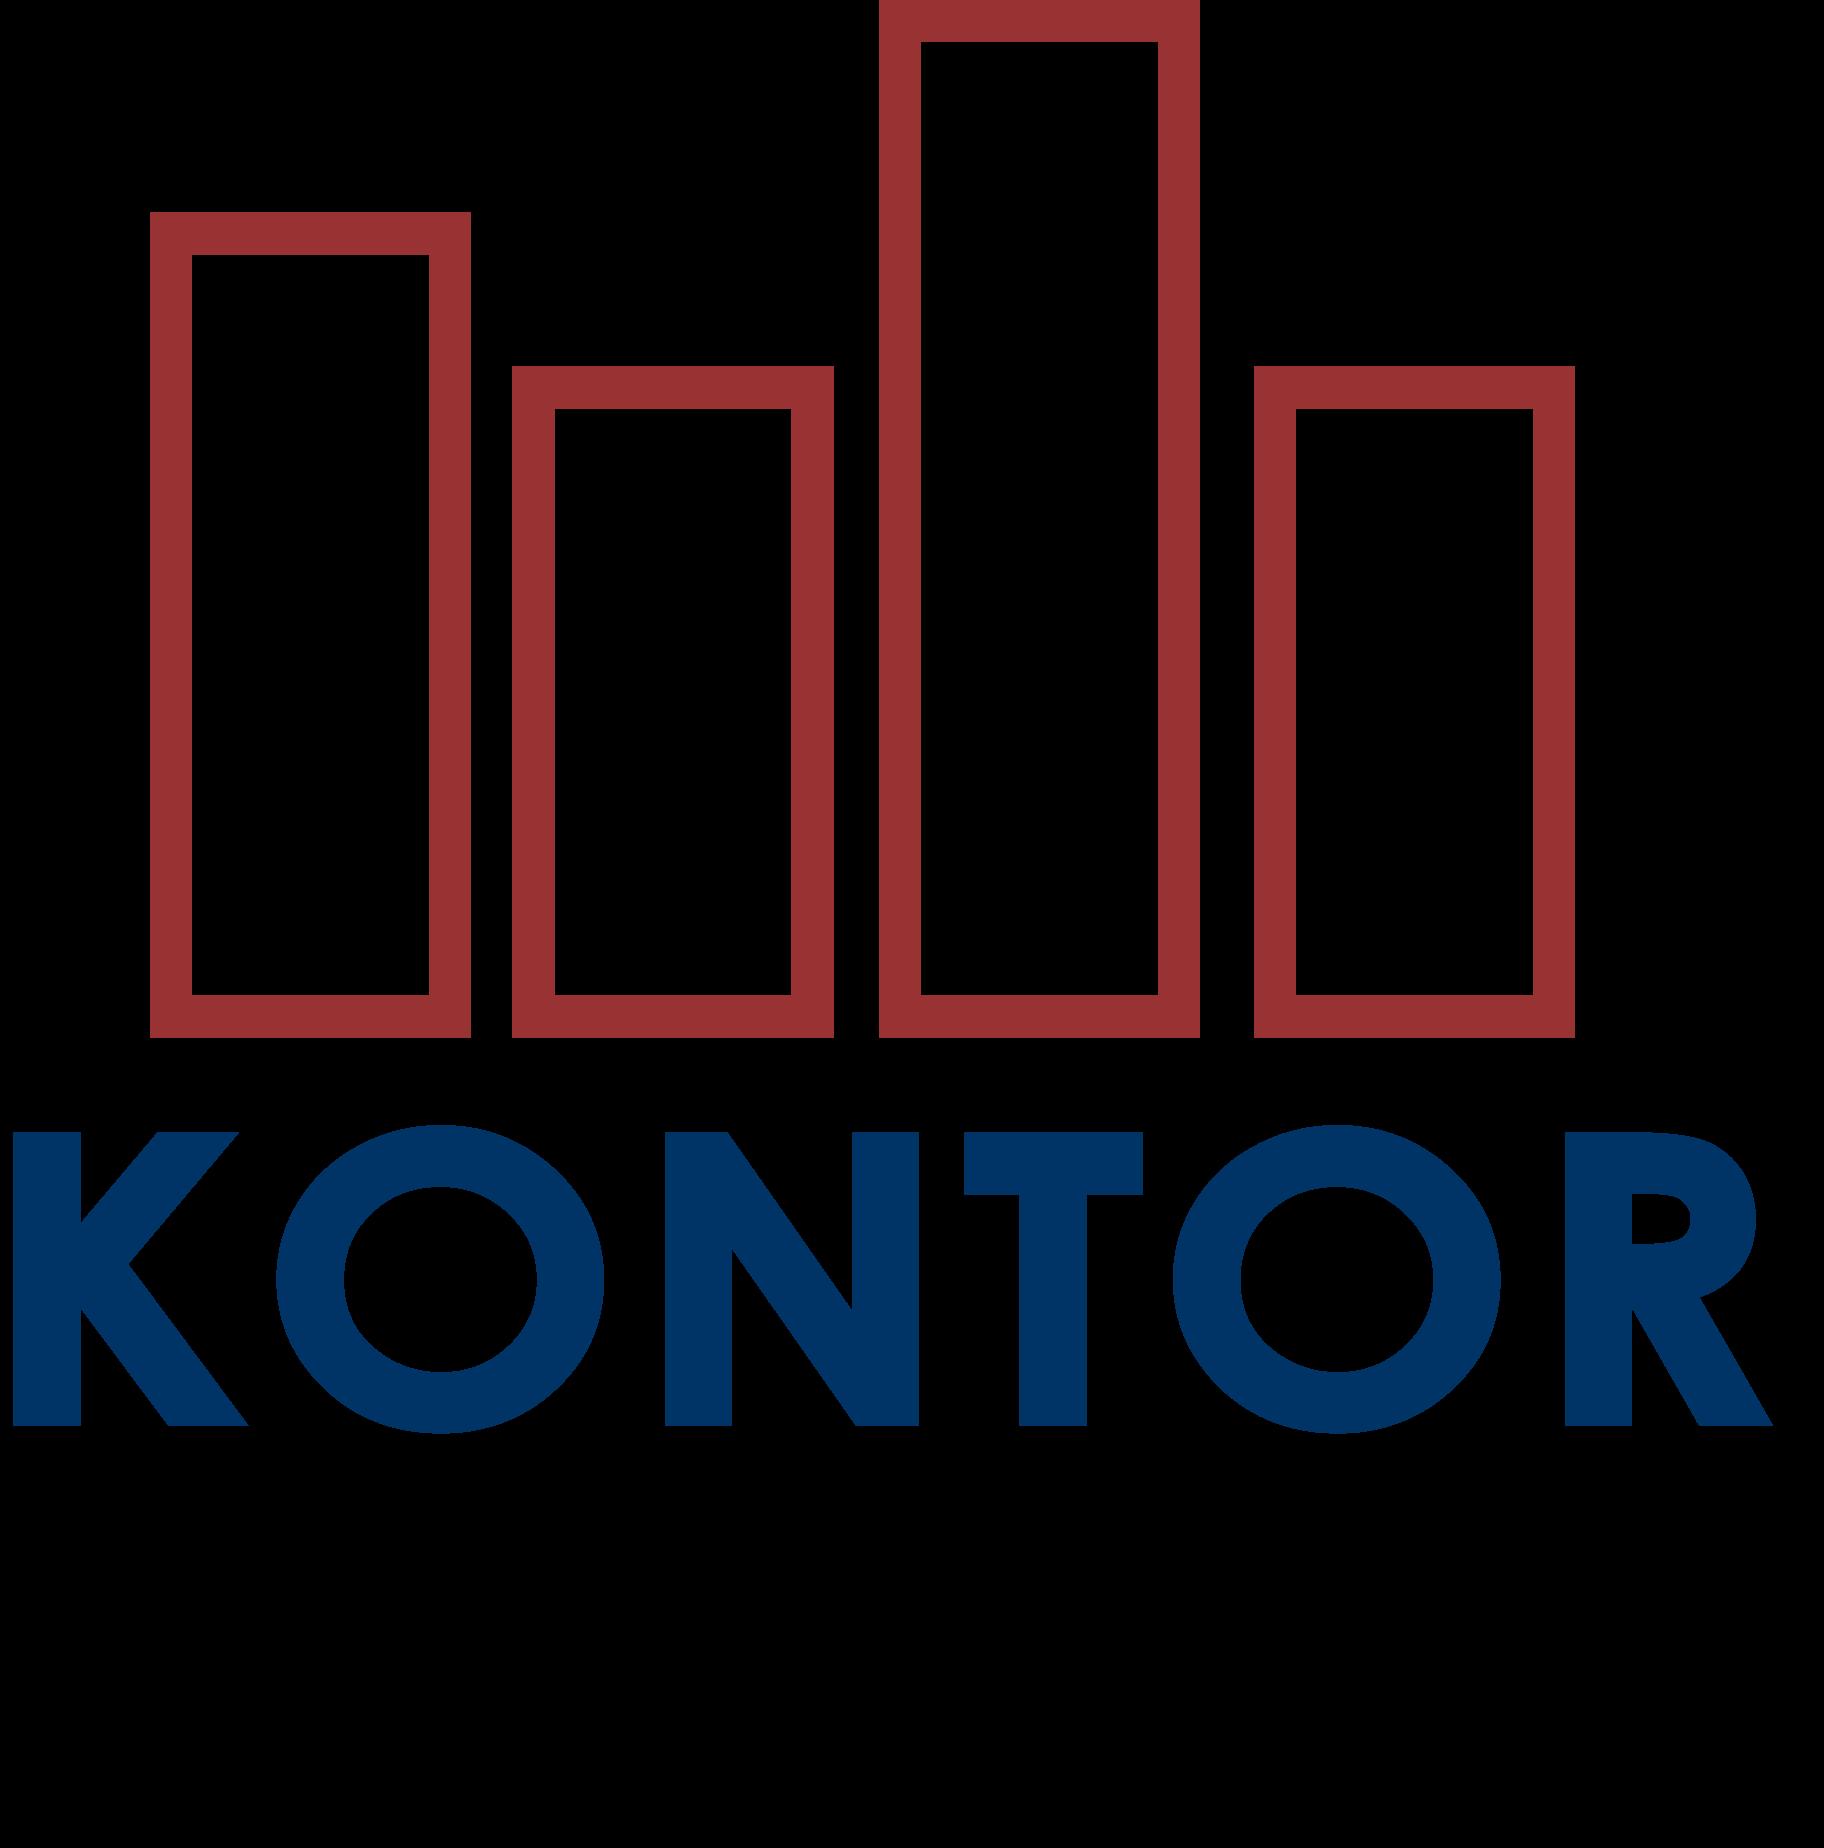 kontor master logo